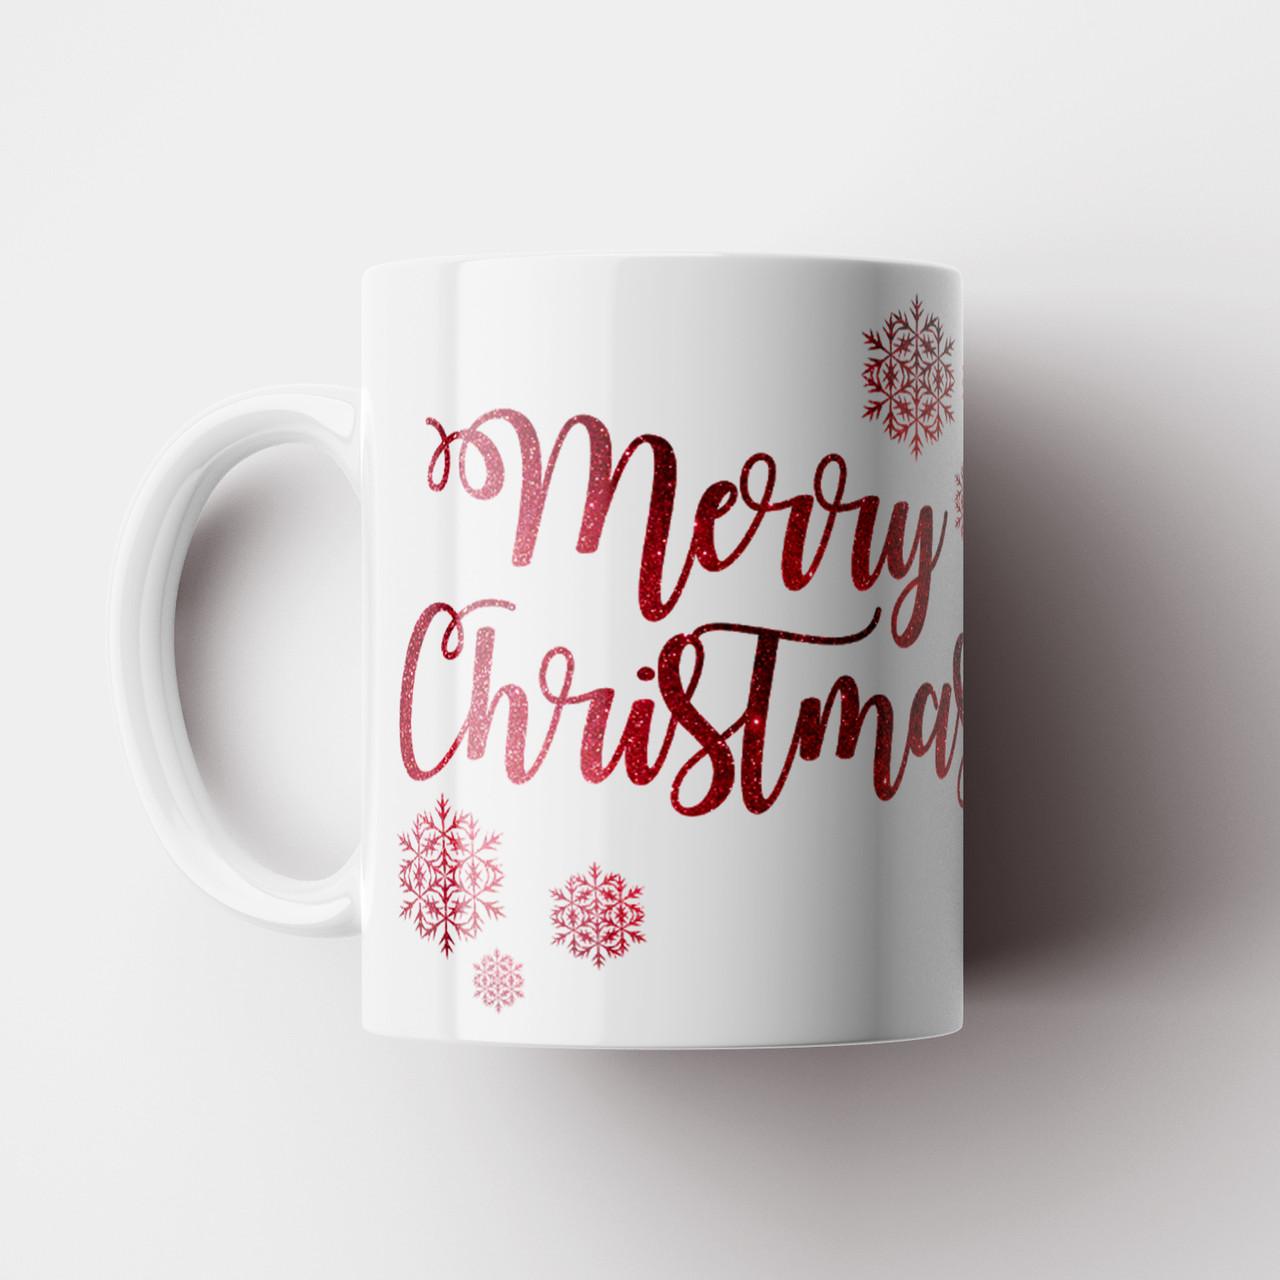 Чашка Merry Christmas. Новорічна чашка. Новий Рік